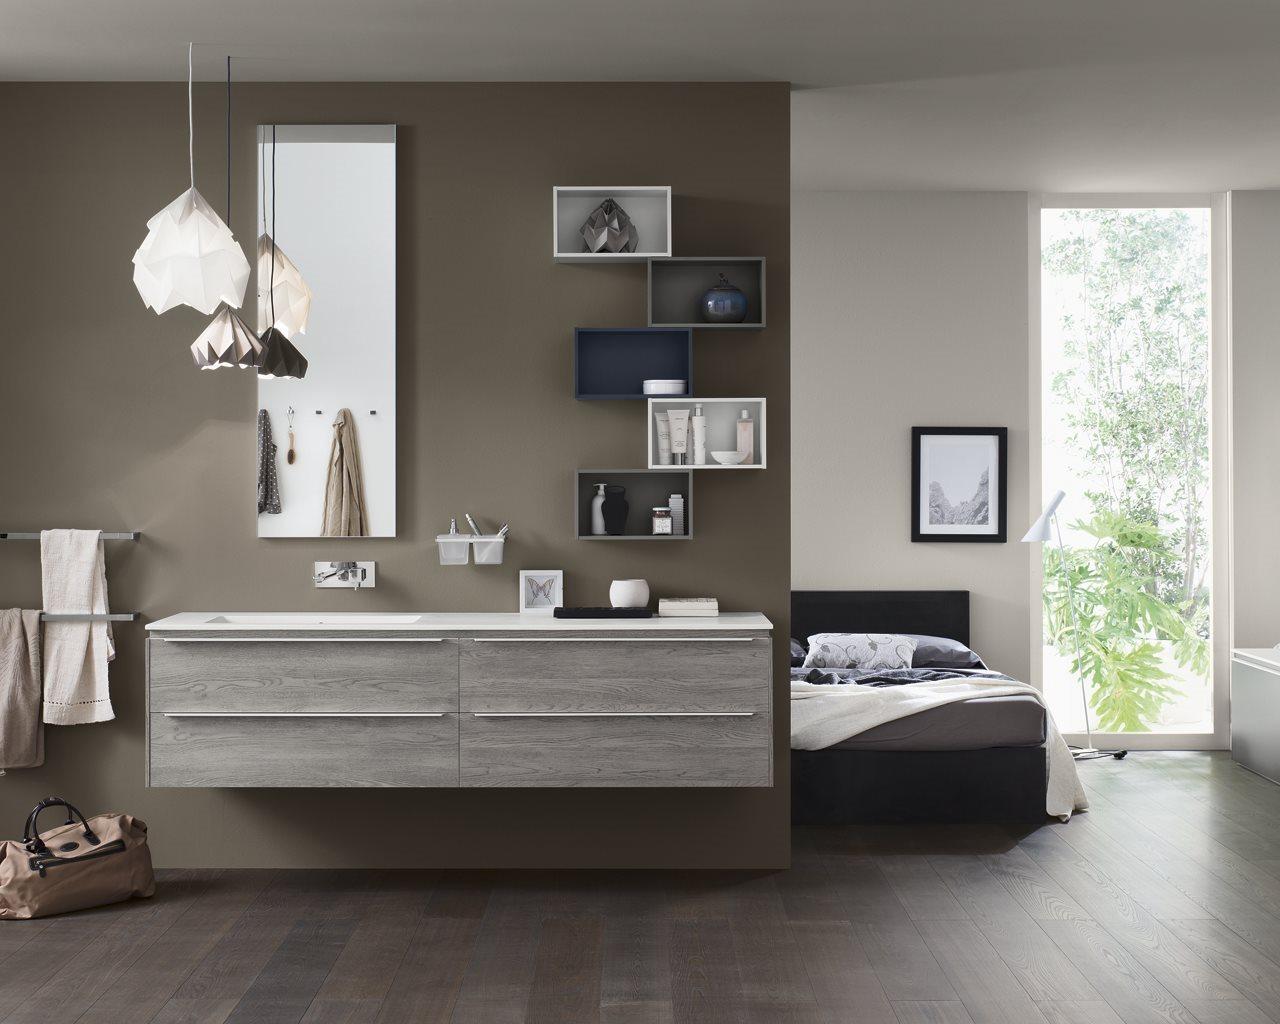 blog - doppio lavabo? noi diciamo sì, salvando spazi e comodità ... - Fiora Arredo Bagno